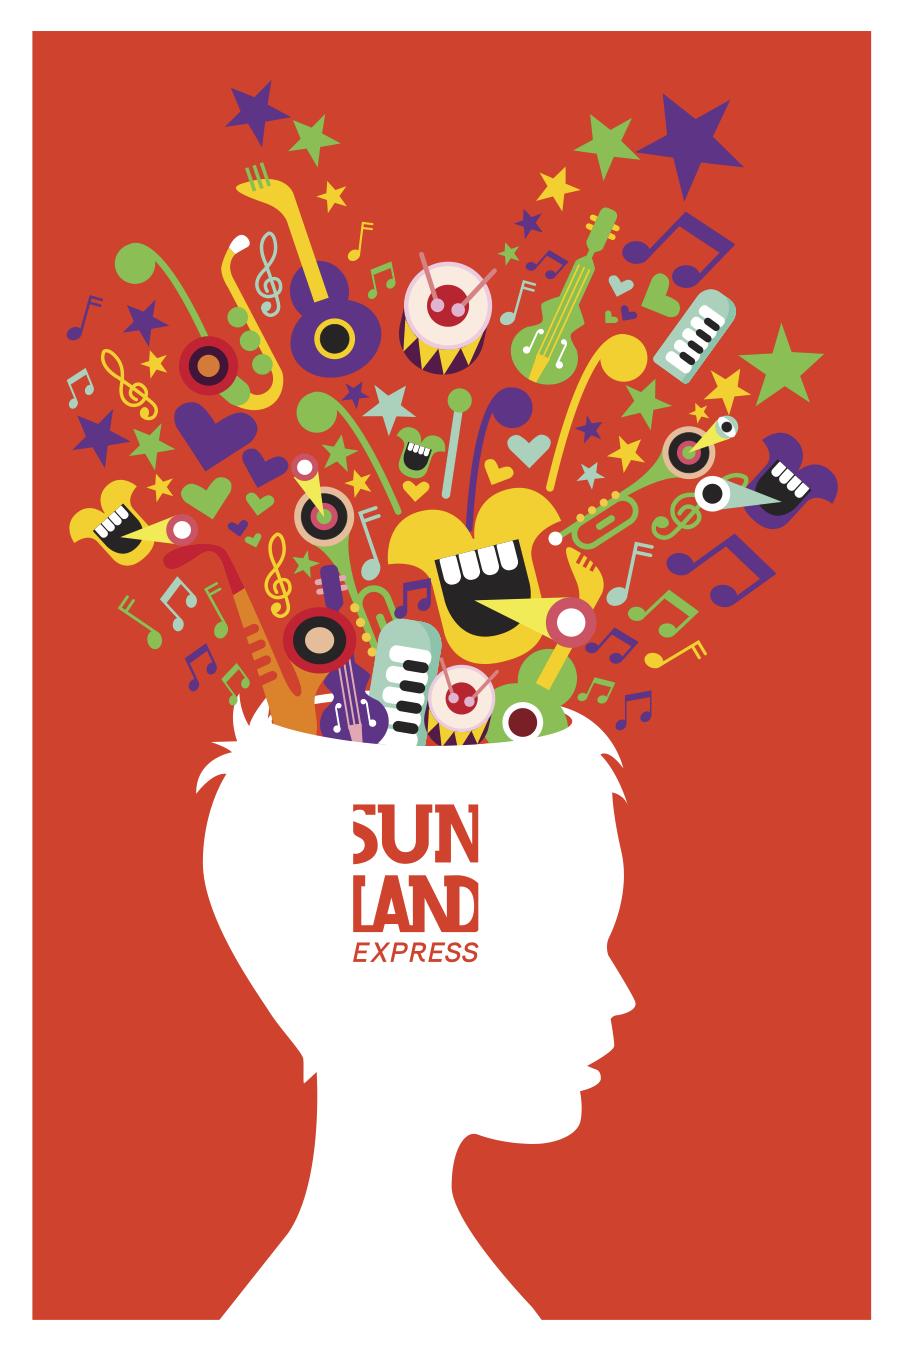 SUNLAND_panfleto2-2 (1).jpg